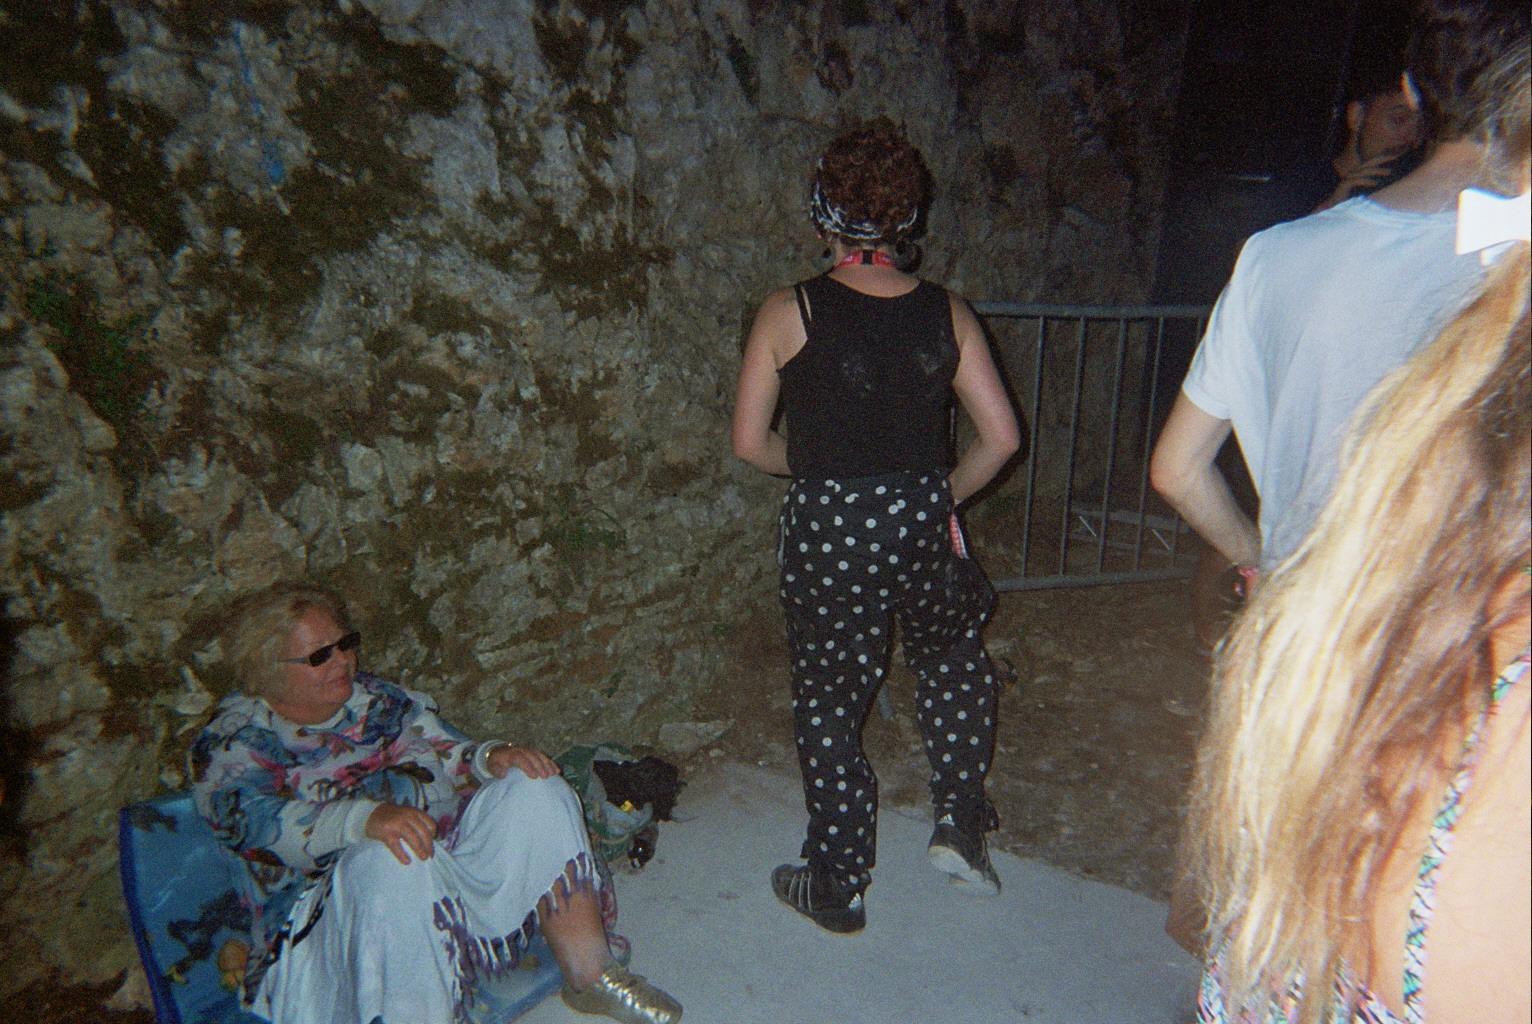 LA NUIT- Une mamie qui profite tranquillement du set le plus violent du festival.